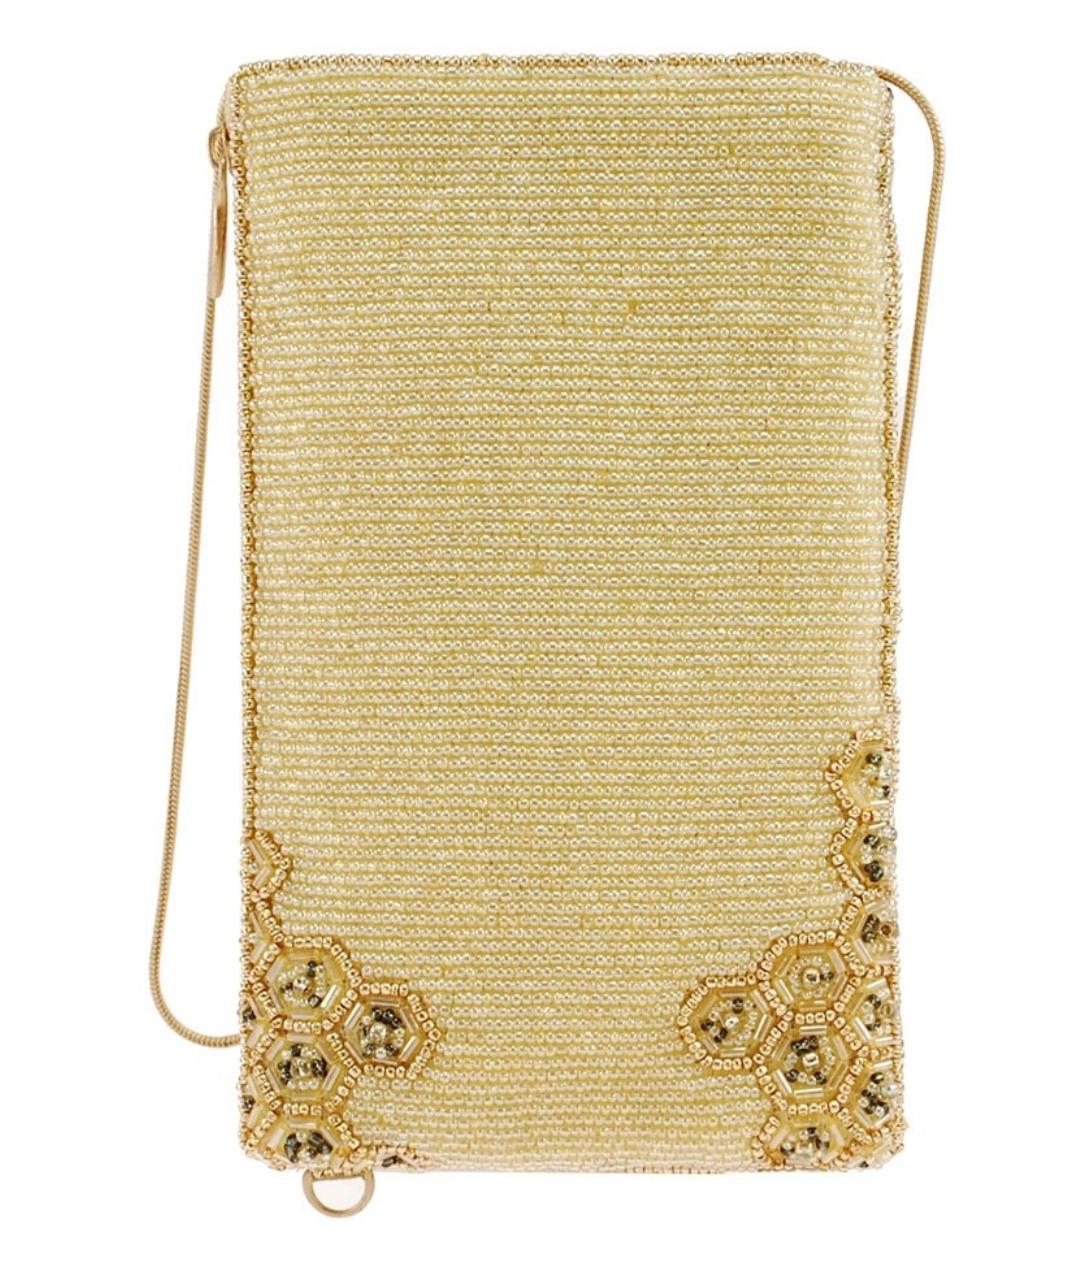 Mary Frances Mary Frances - Oh Honey Handbag